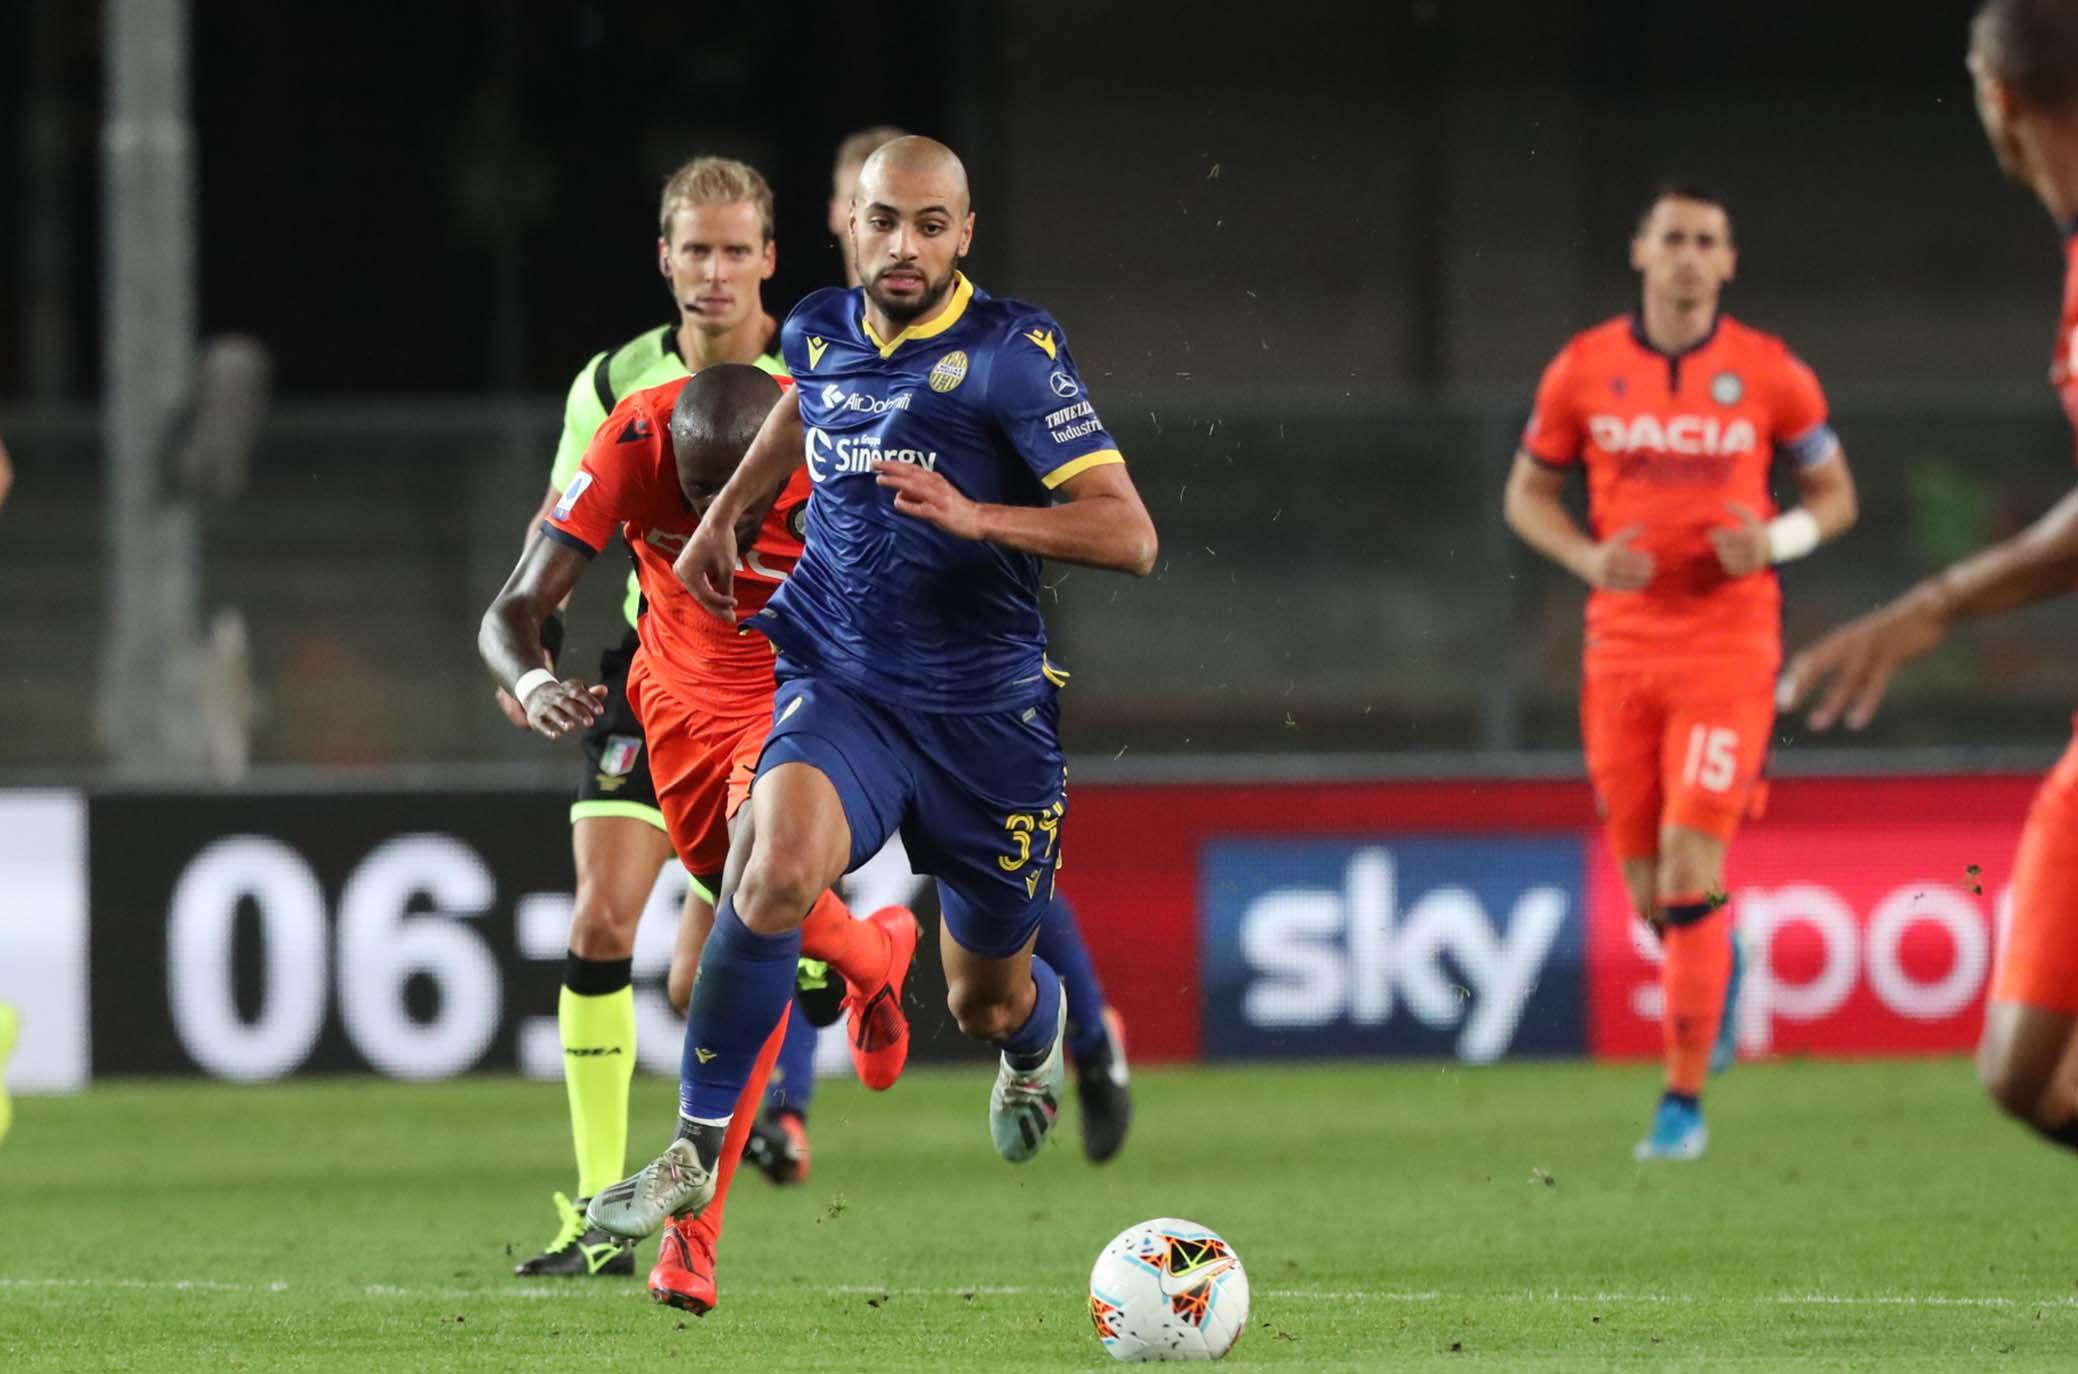 Calciomercato Lazio, Amrabat Napoli verso la fumata bianca: i dettagli